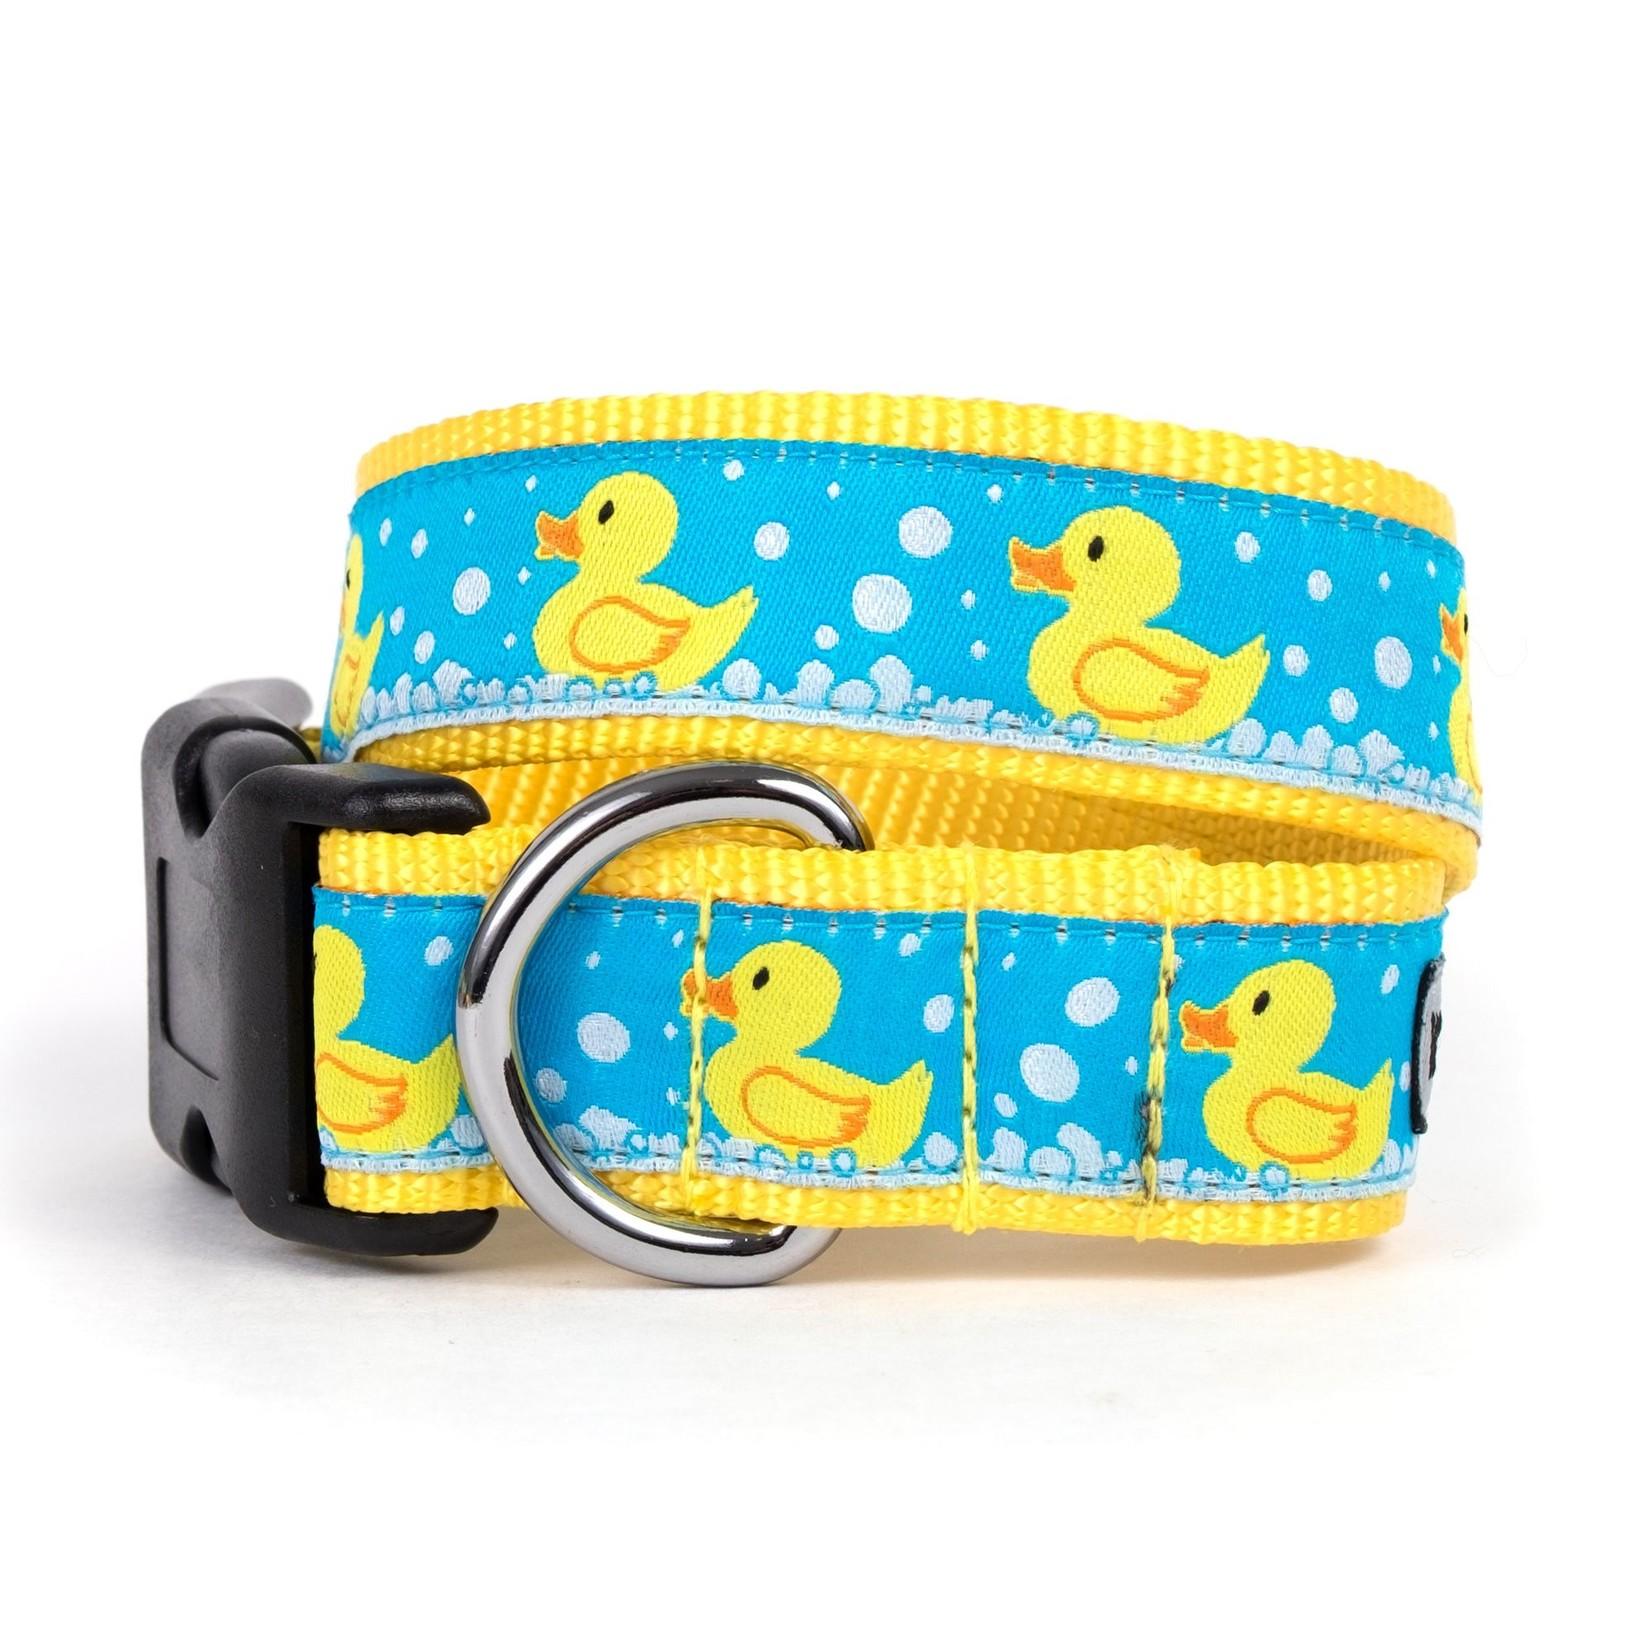 Worthy Dog The Worthy Dog Dog Collar Rubber Duck